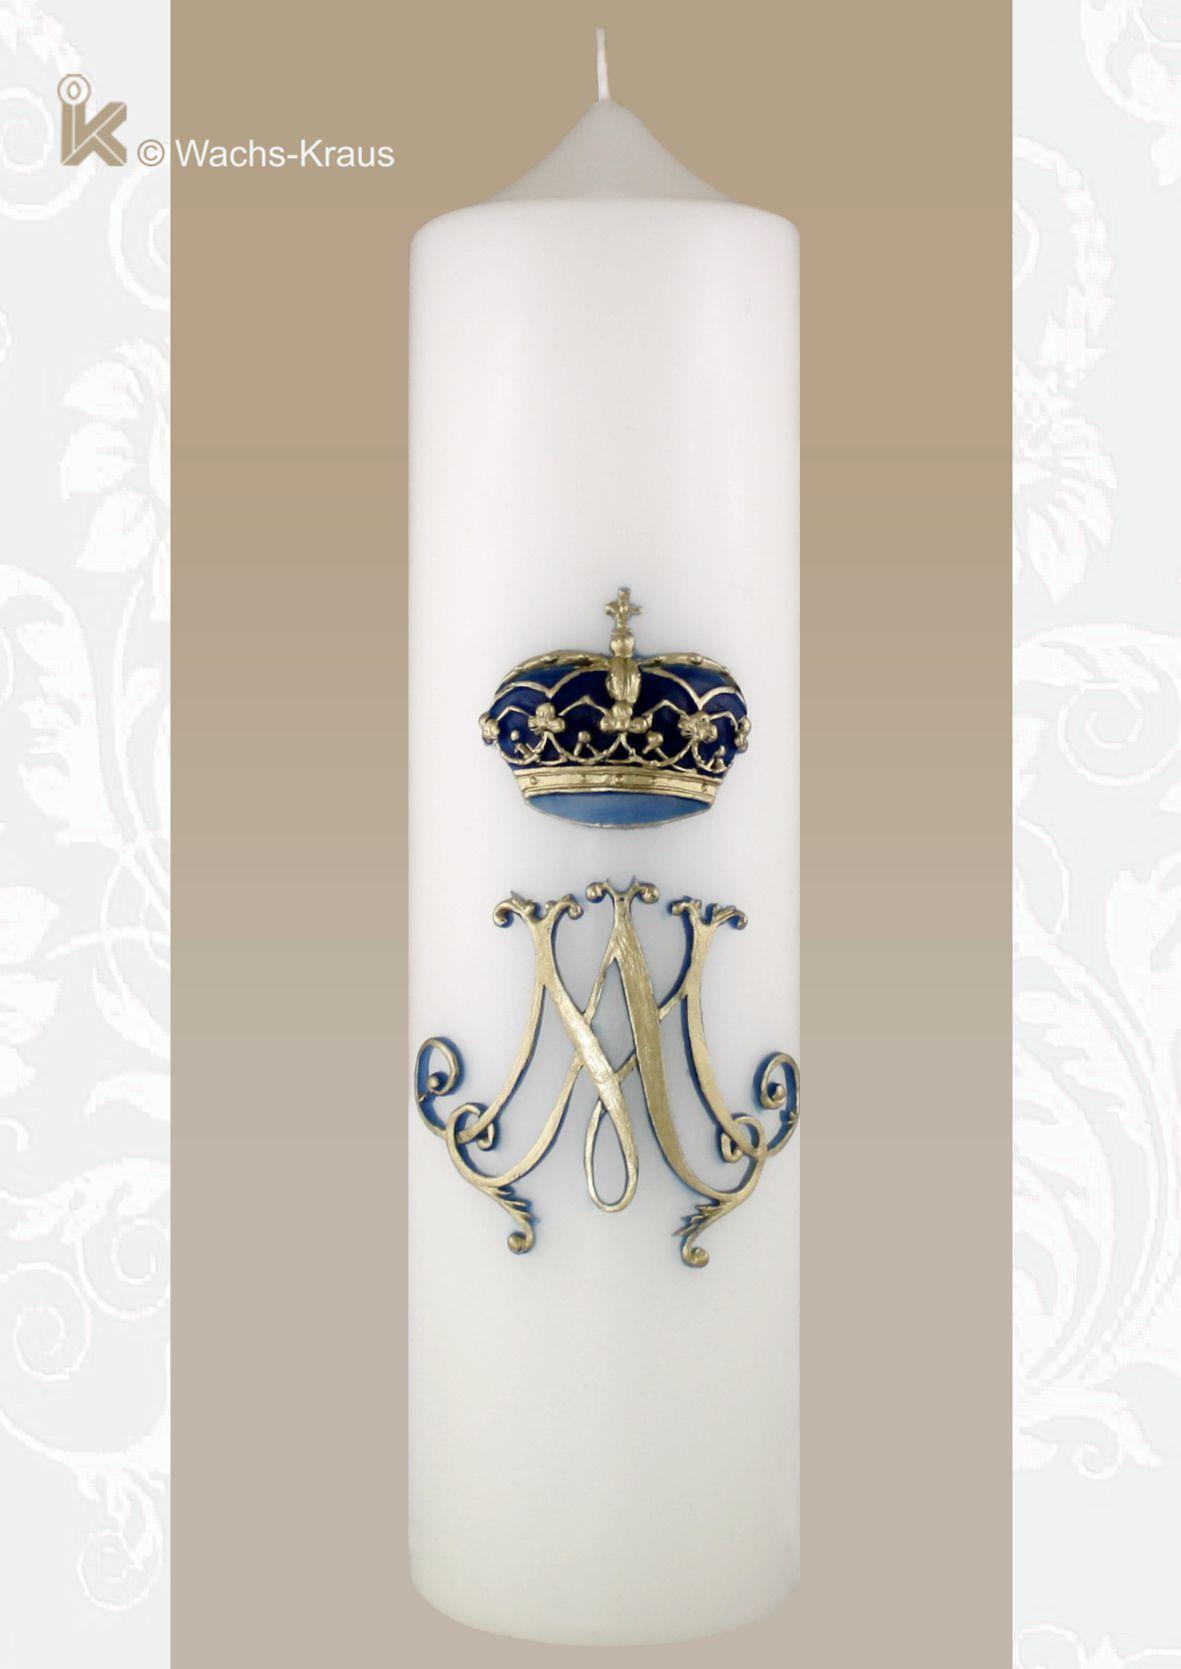 Marienkerze Krone und Monogramm aus Wachs gegossen